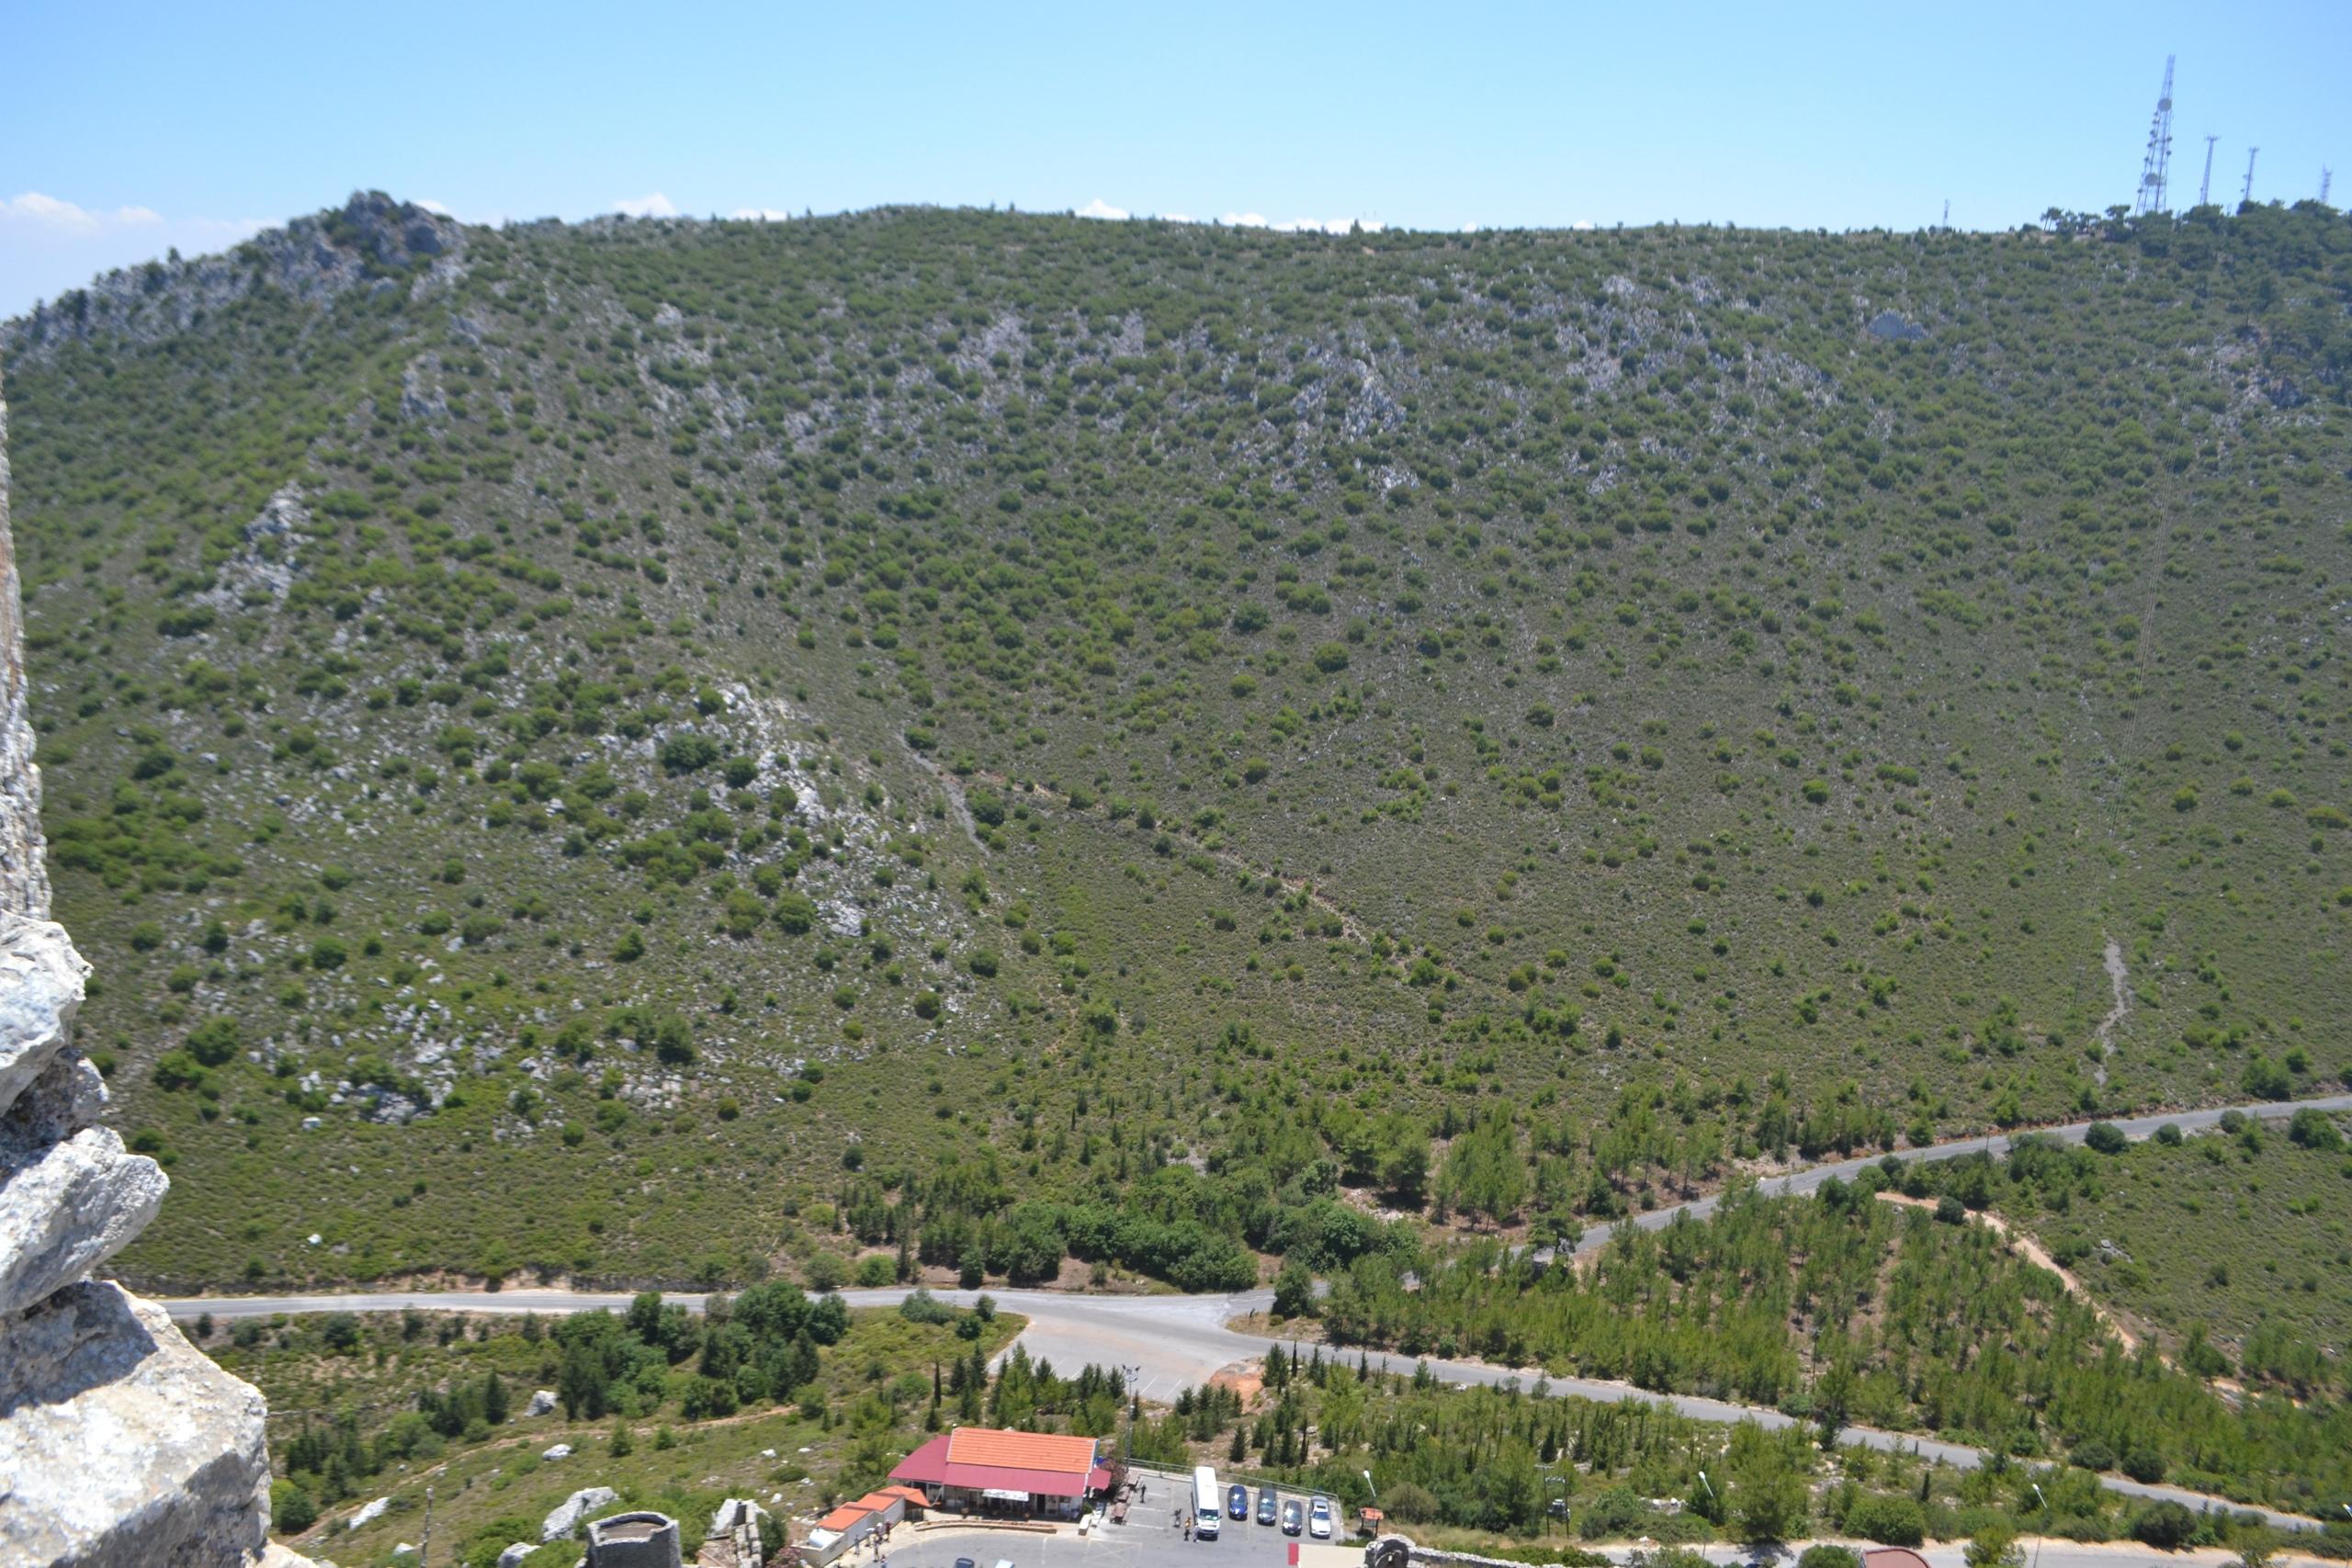 Северный Кипр. Замок Святого Иллариона. (фото). - Страница 3 LTD18-D06Iw